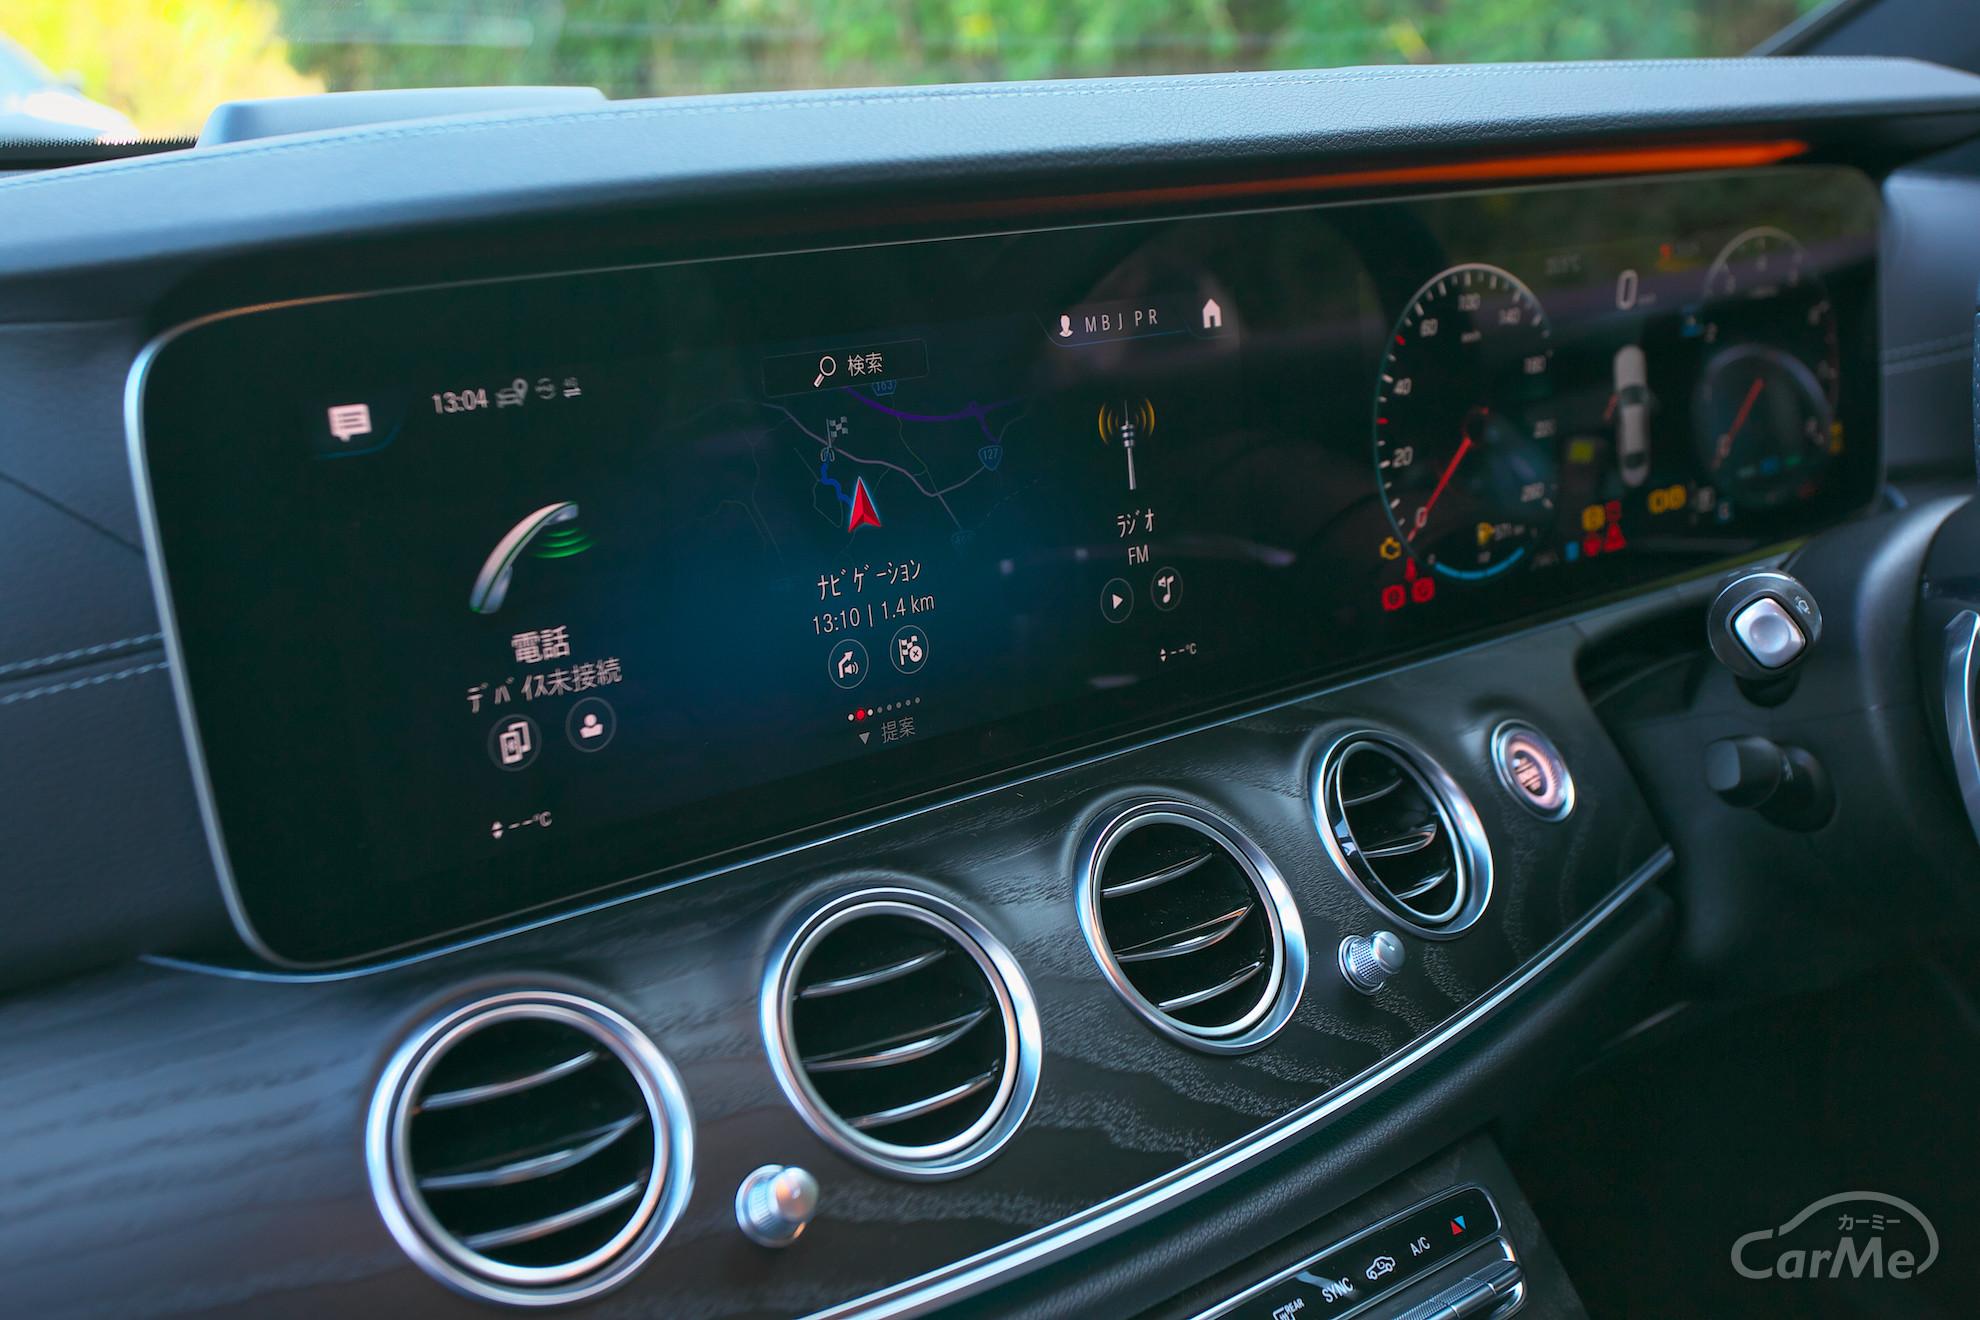 1.5Lエンジンなら維持費は安い?メルセデス・ベンツ Eクラス E200スポーツの維持費を徹底解説